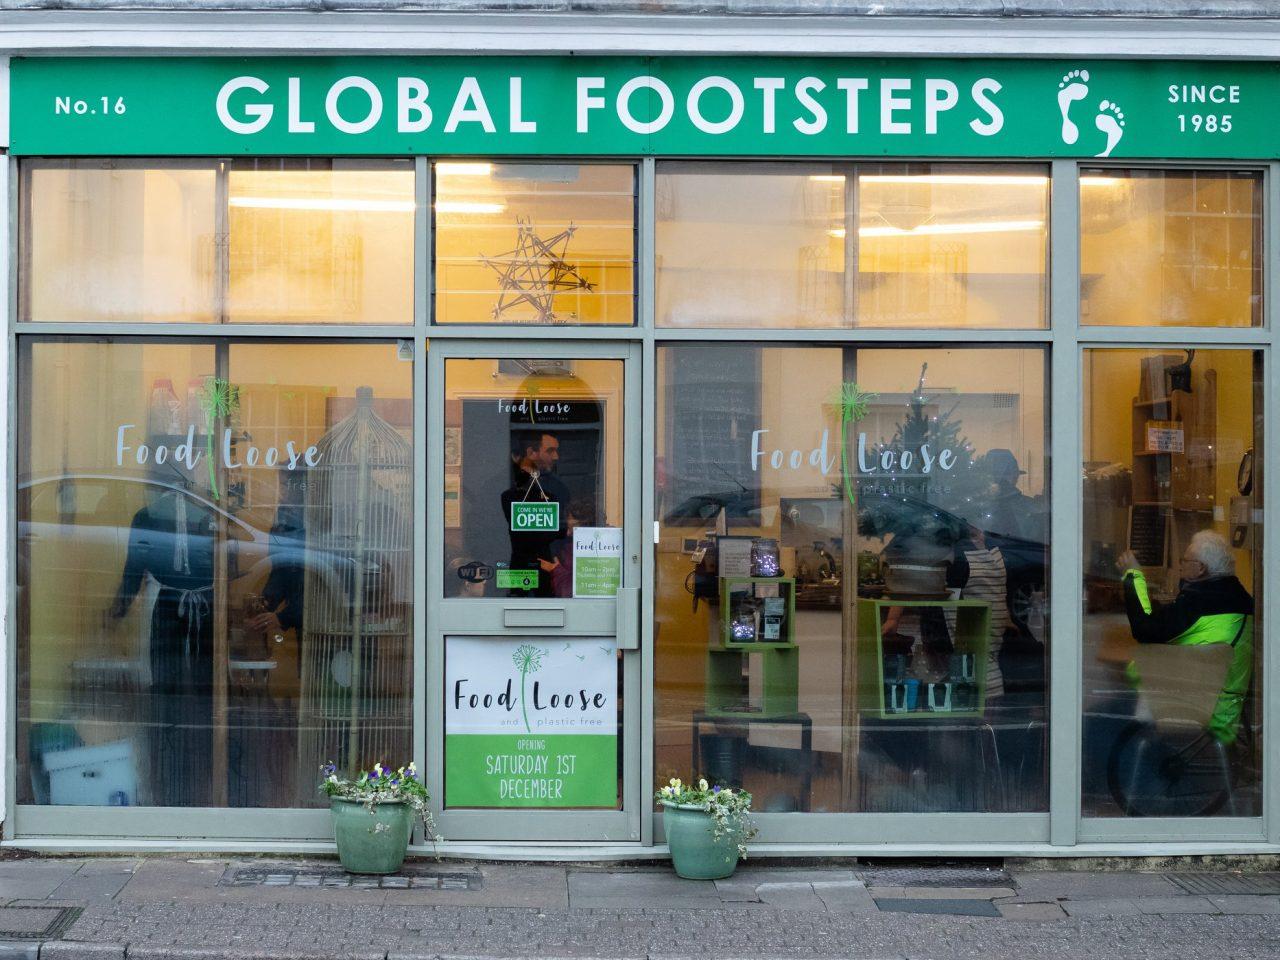 Food Loose Plastic Free